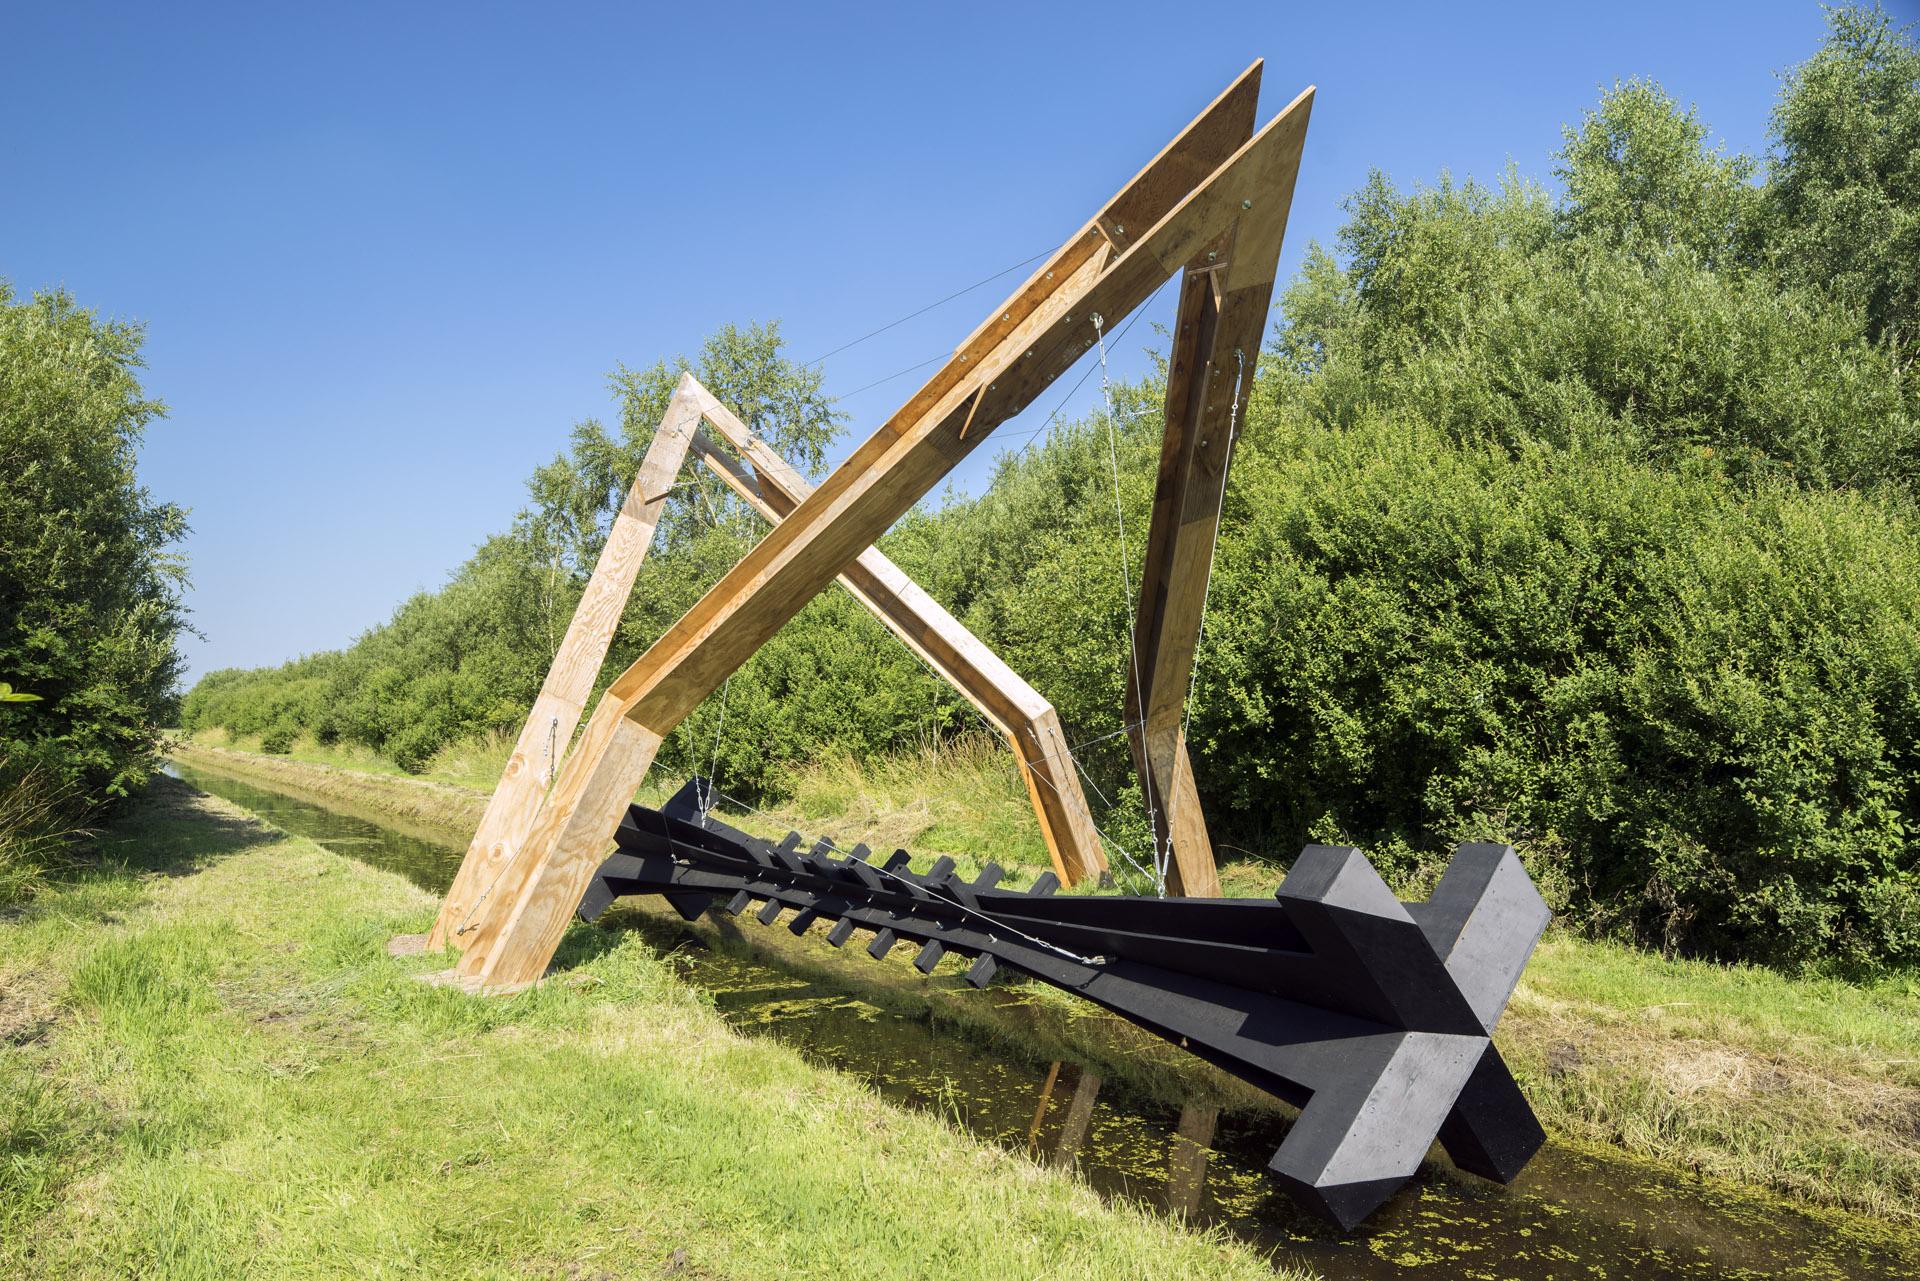 KAPKAR / H13- RAM | rural architecture statement